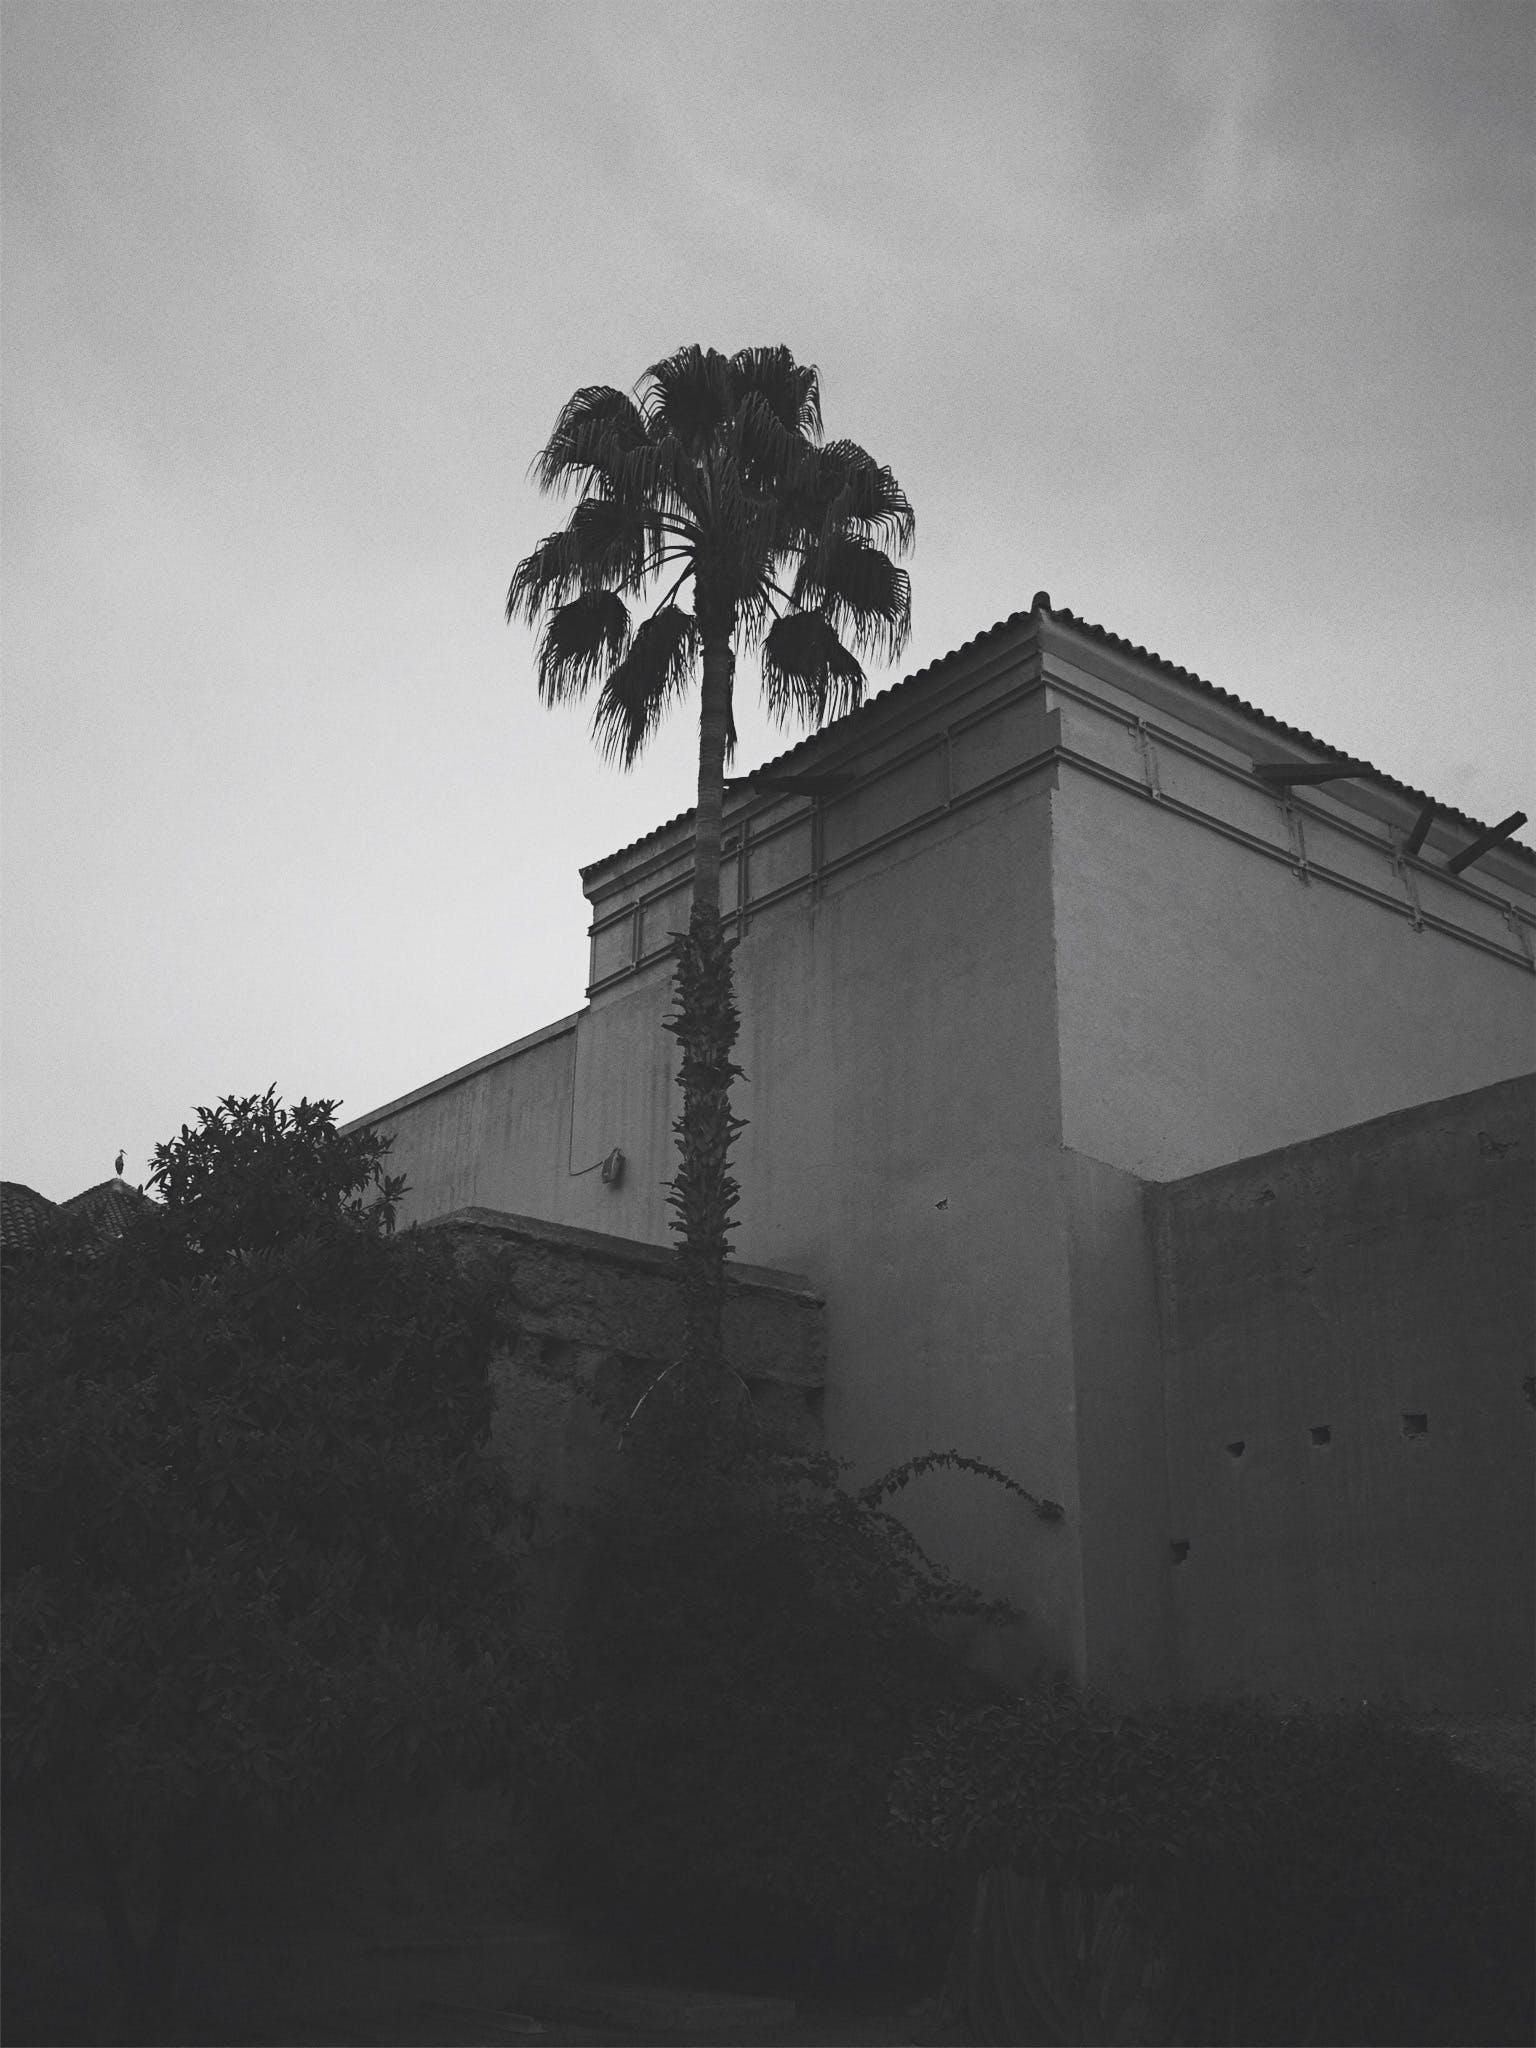 Kostenloses Stock Foto zu architektur, marrakesch, palme